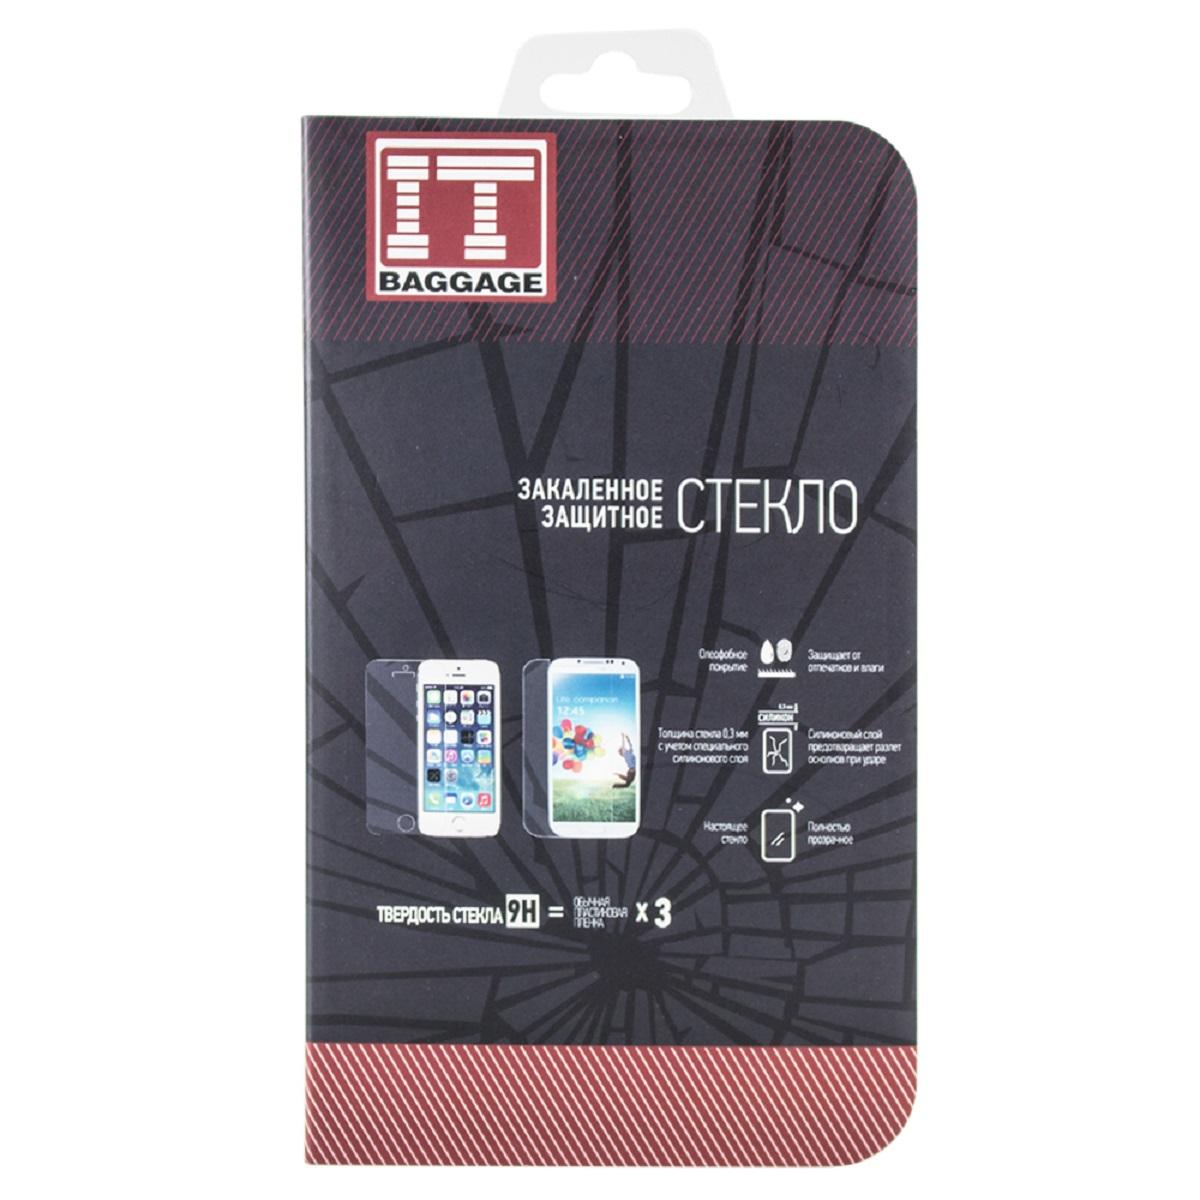 IT Baggage защитное стекло для Meizu MX5ITMZMX5GЗакаленное стекло IT Baggage Meizu MX5 для - это самый верный способ защитить экран от повреждений и загрязнений. Обладает высочайшим уровнем прозрачности и совершенно не влияет на отклик экранного сенсора и качество изображения. Препятствует появлению отпечатков и пятен. Удалить следы жира и косметики с поверхности аксессуара не составить ни какого труда.Характеристики защитного стекла делают его износостойким к таким механическим повреждениям, как царапины, сколы, потертости. При сильном ударе разбившееся стекло не разлетается на осколки, предохраняя вас от порезов, а экран устройства от повреждений.После снятия защитного стекла с поверхности дисплея, на нем не остаются повреждения, такие как потертости и царапины.